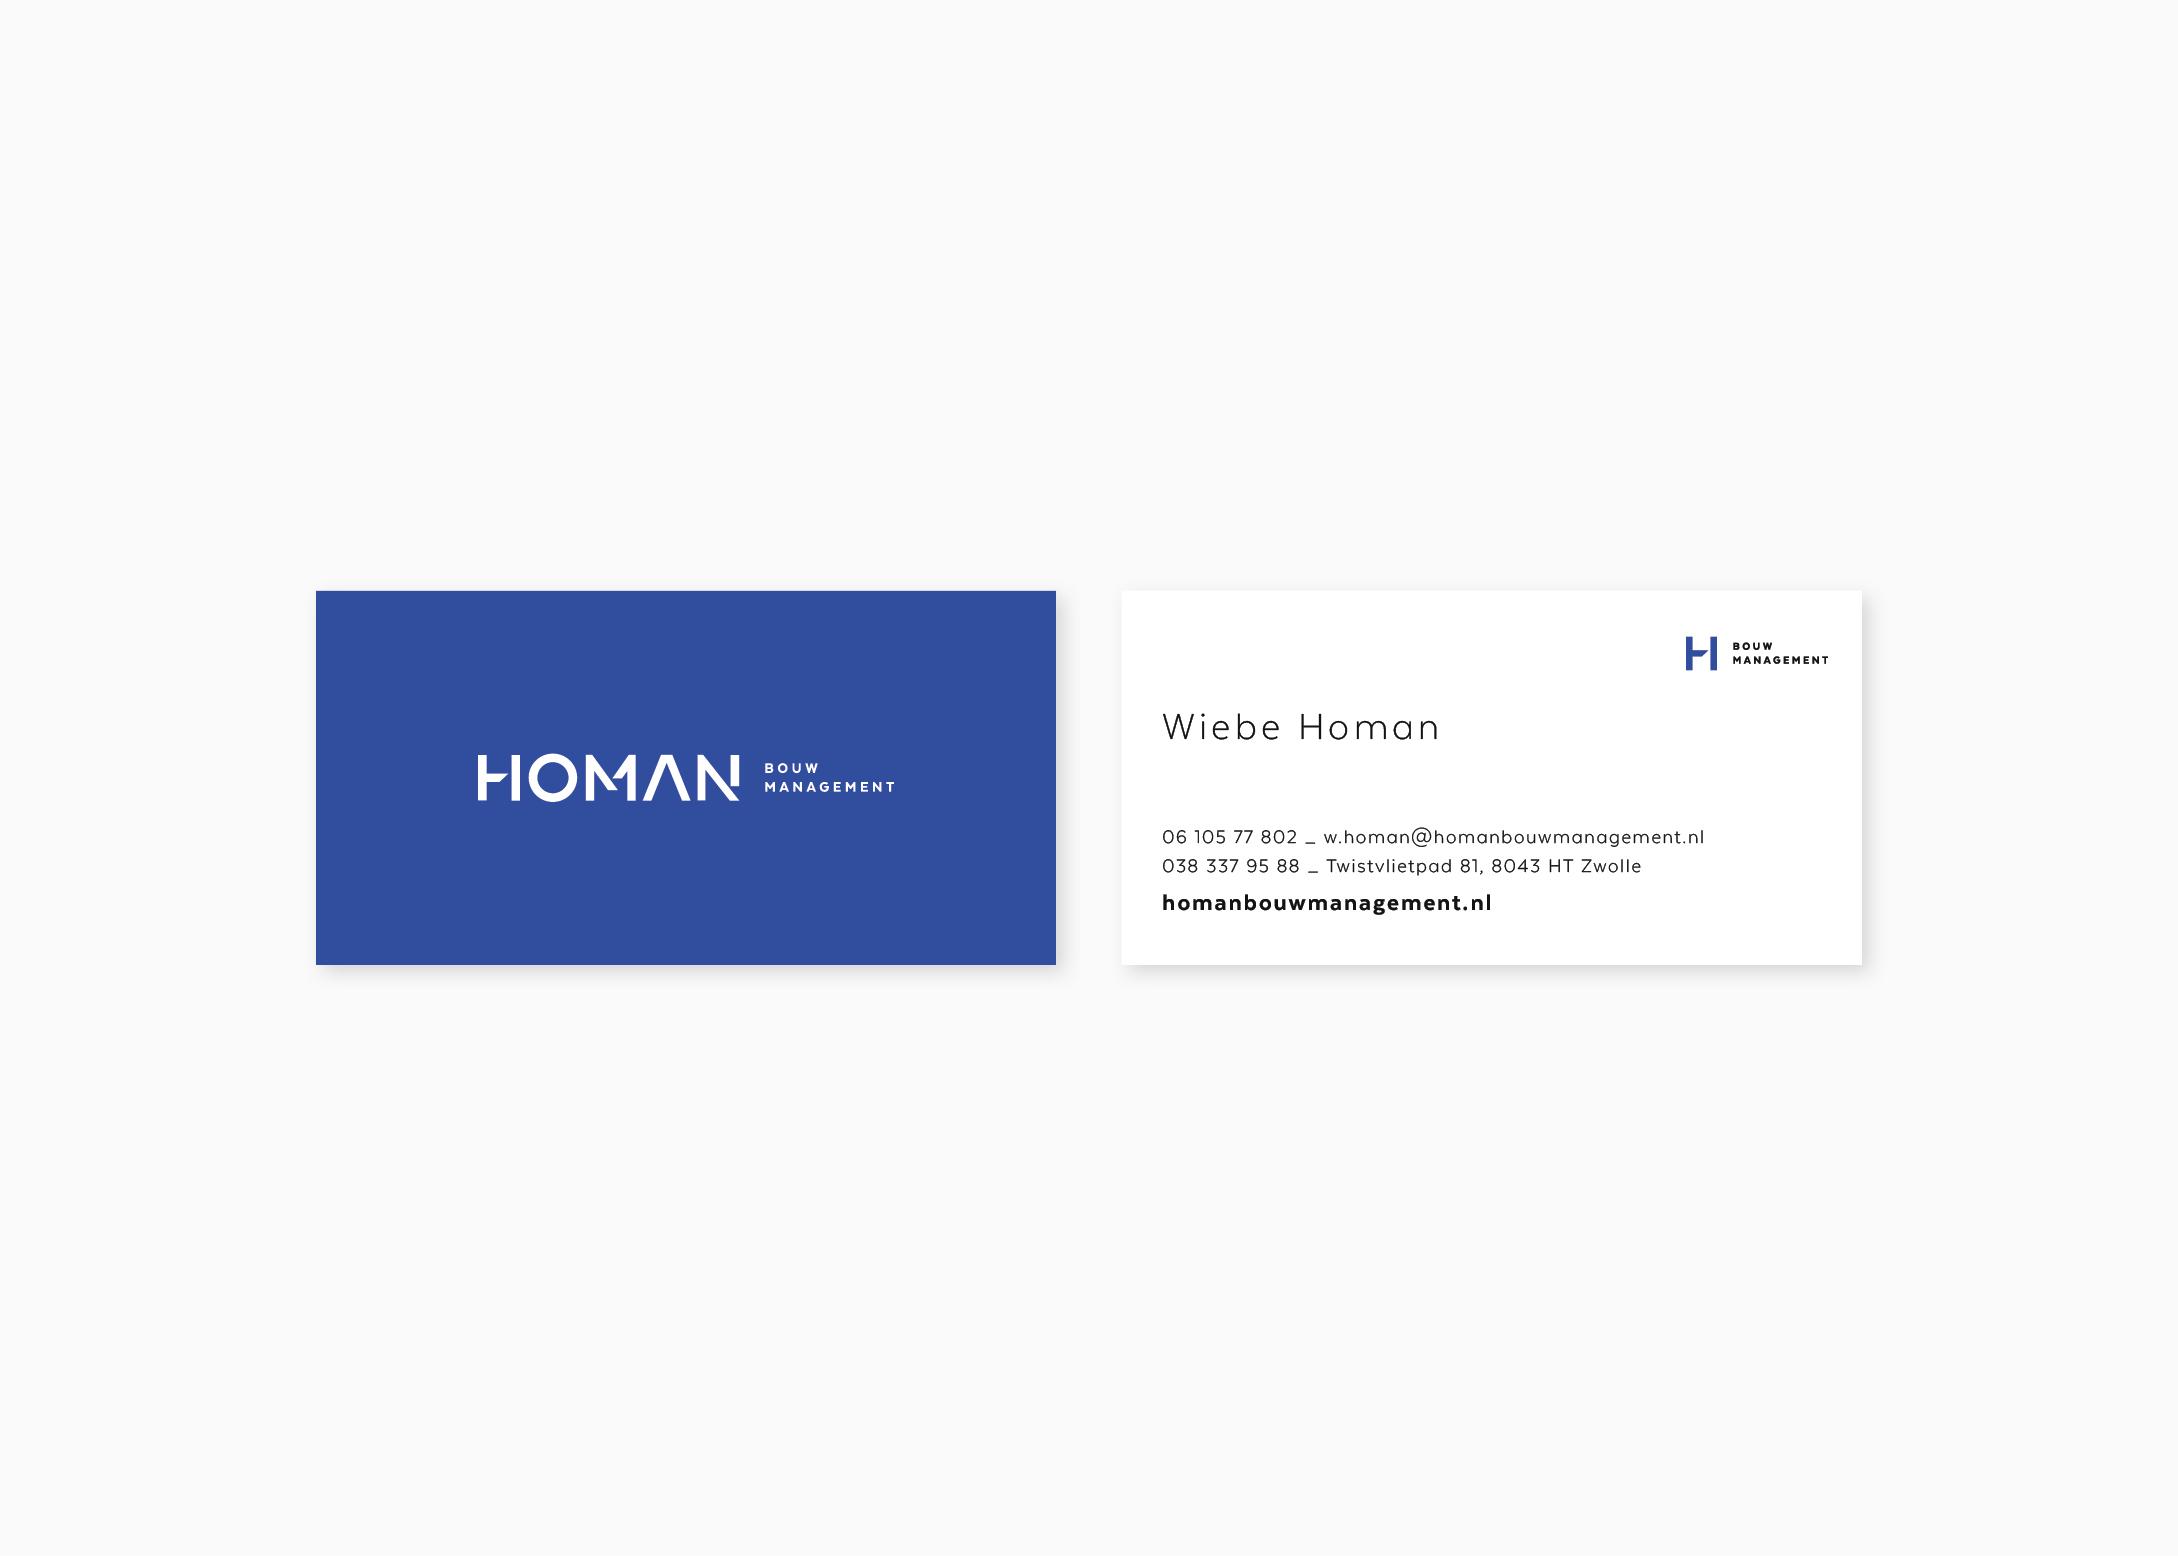 Visitekaartje-ontwerp-Homan-bouwmanagement-designer-burowit-Thirza-Bakker